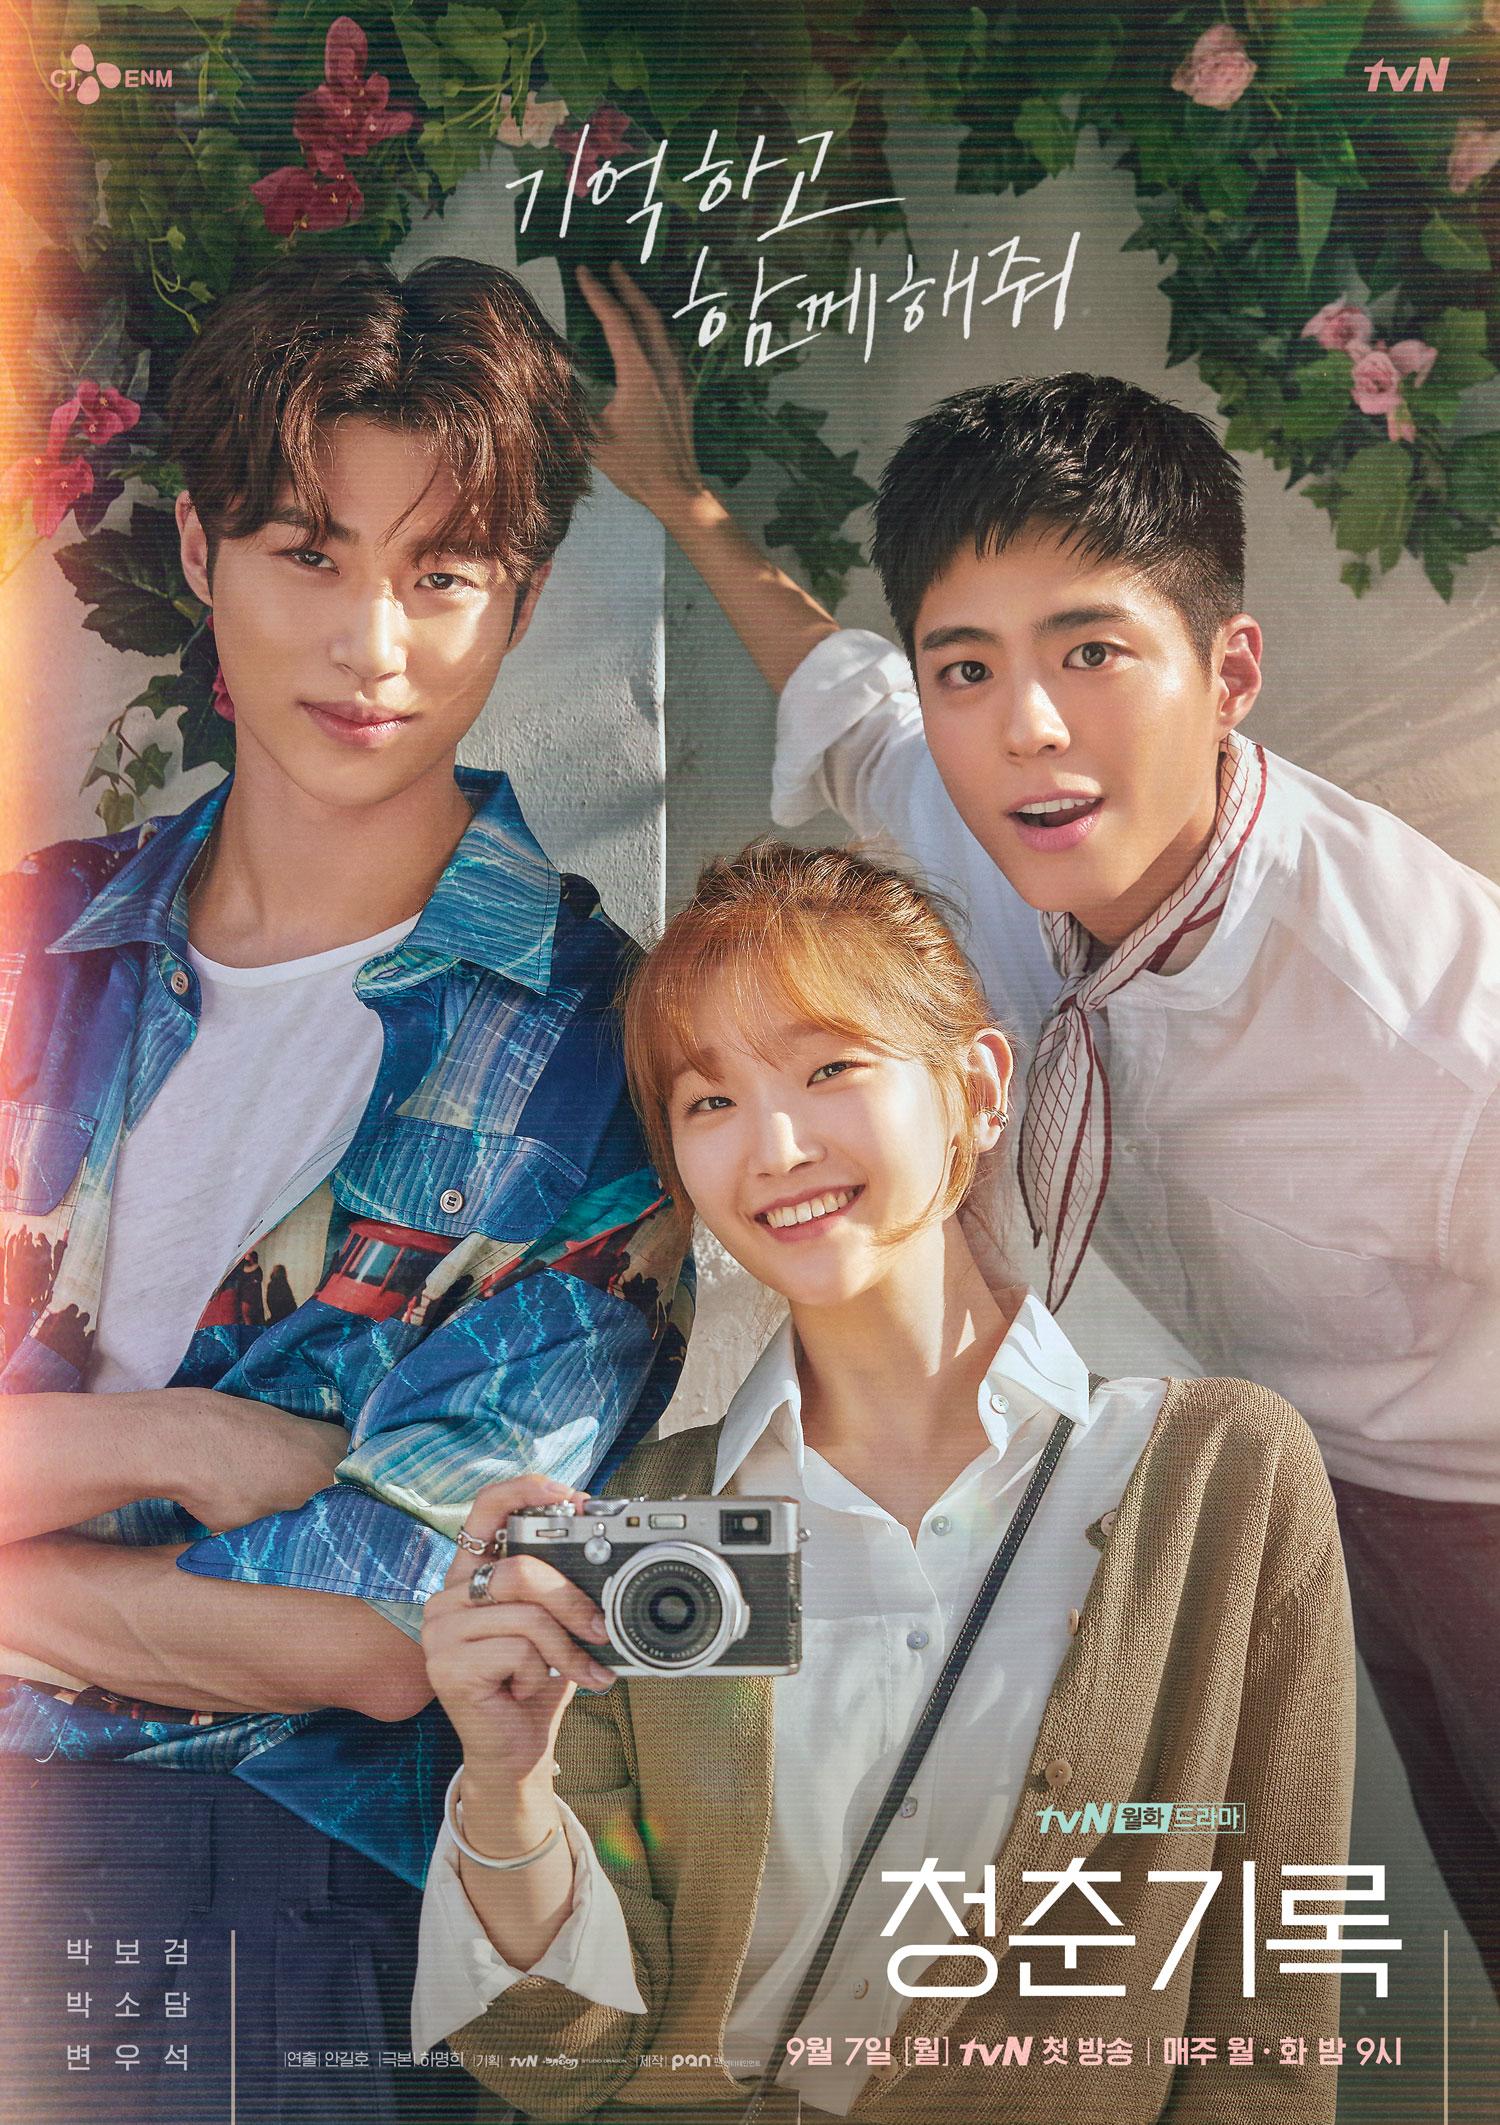 박보검X박소담X변우석이 그리는 청춘… '청춘기록' 공식 포스터 공개